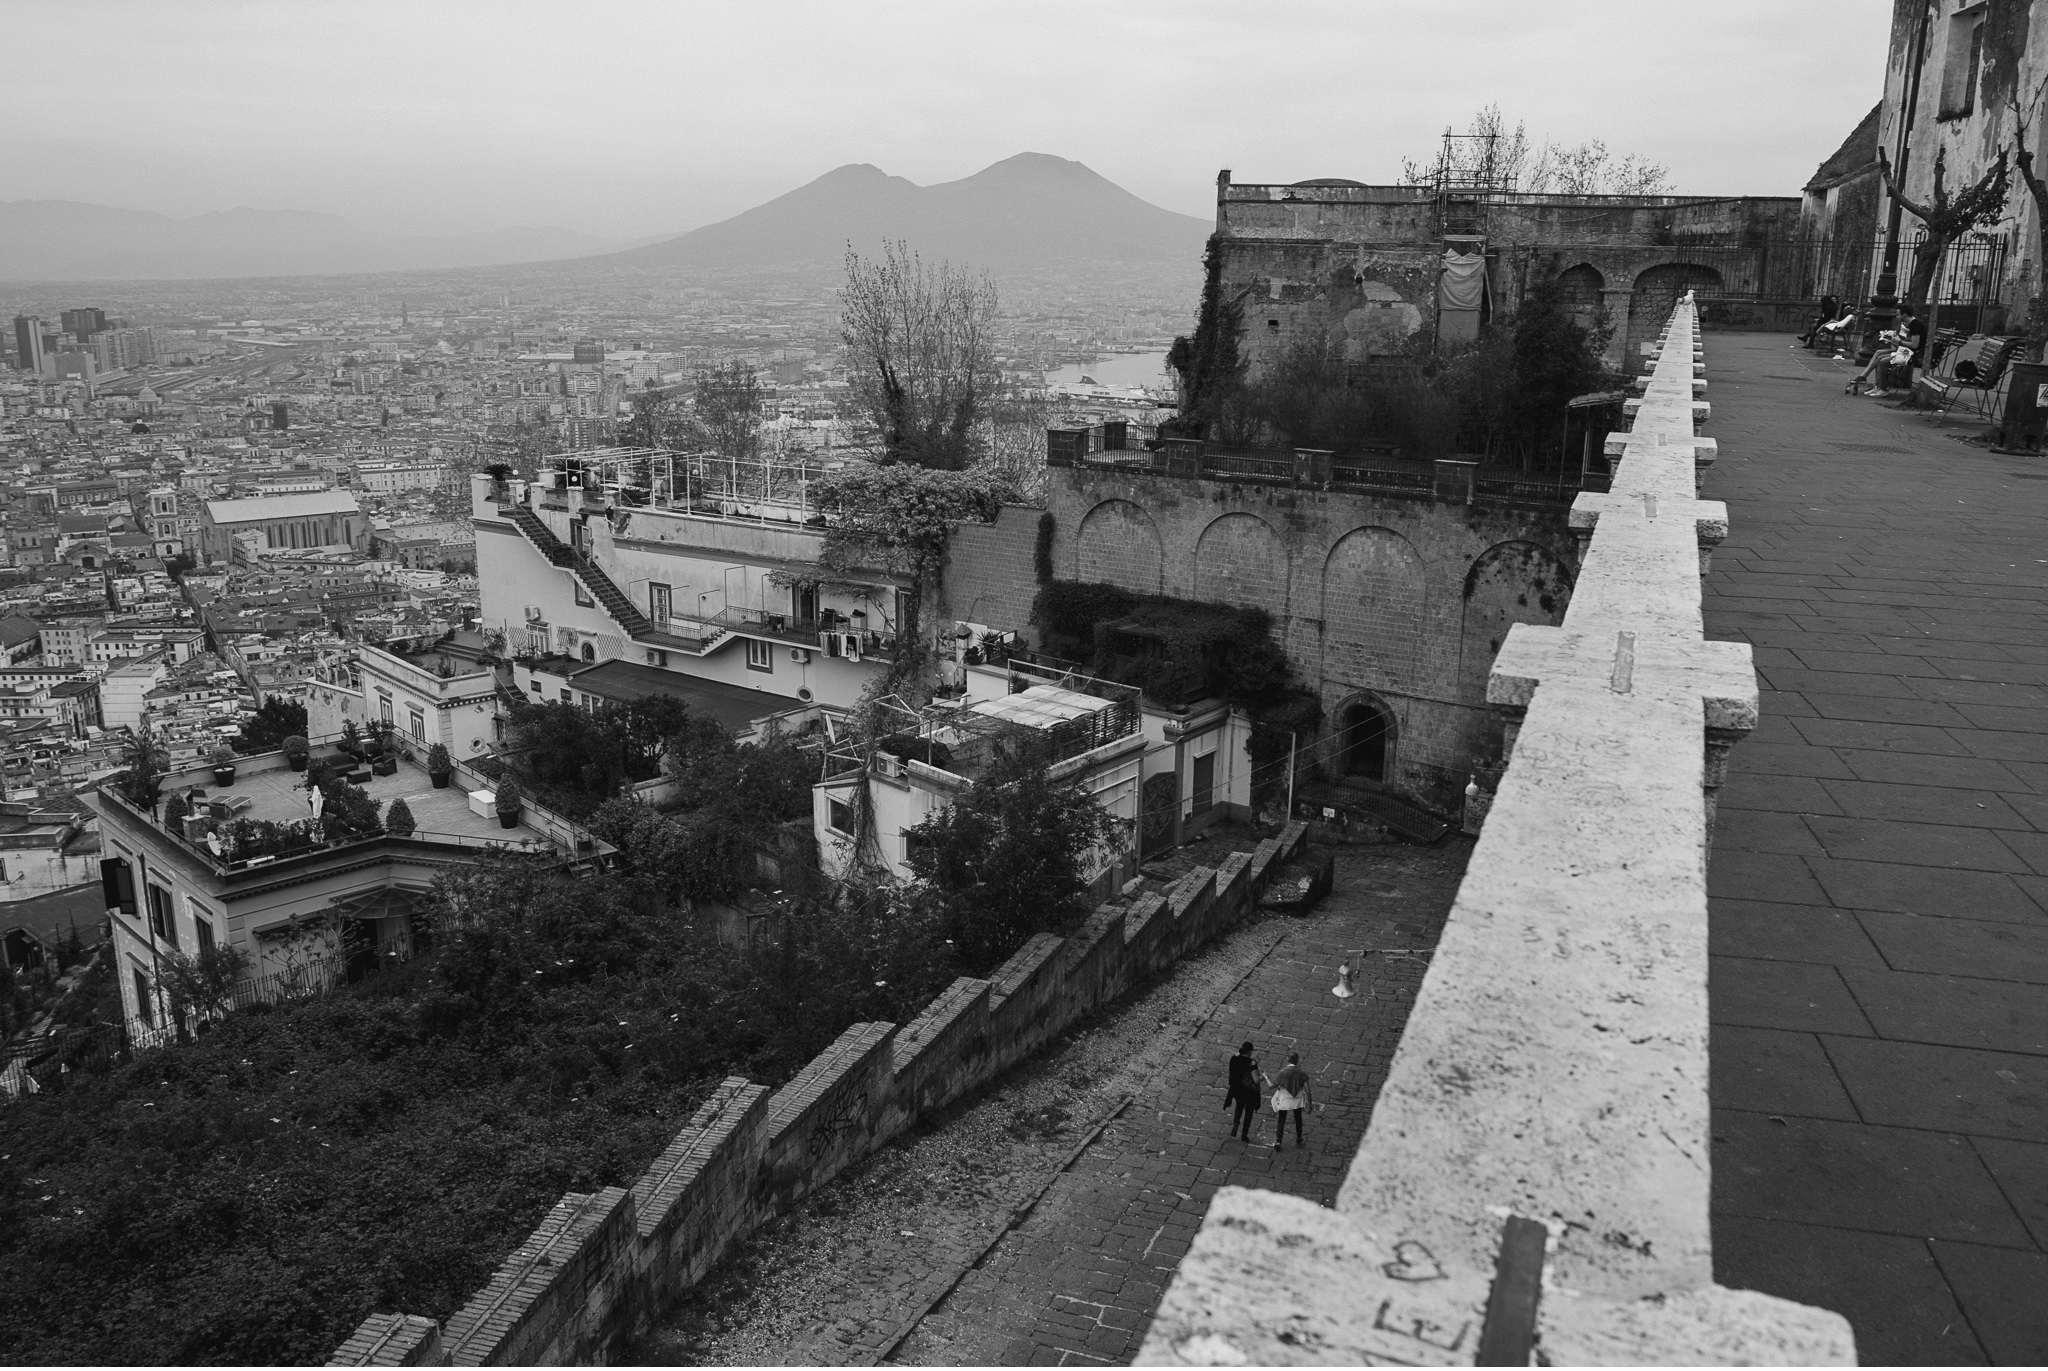 Interrail Reise - Italien Neapel - Geschichten von unterwegs - Foto Daniel Kempf-Seifried-104